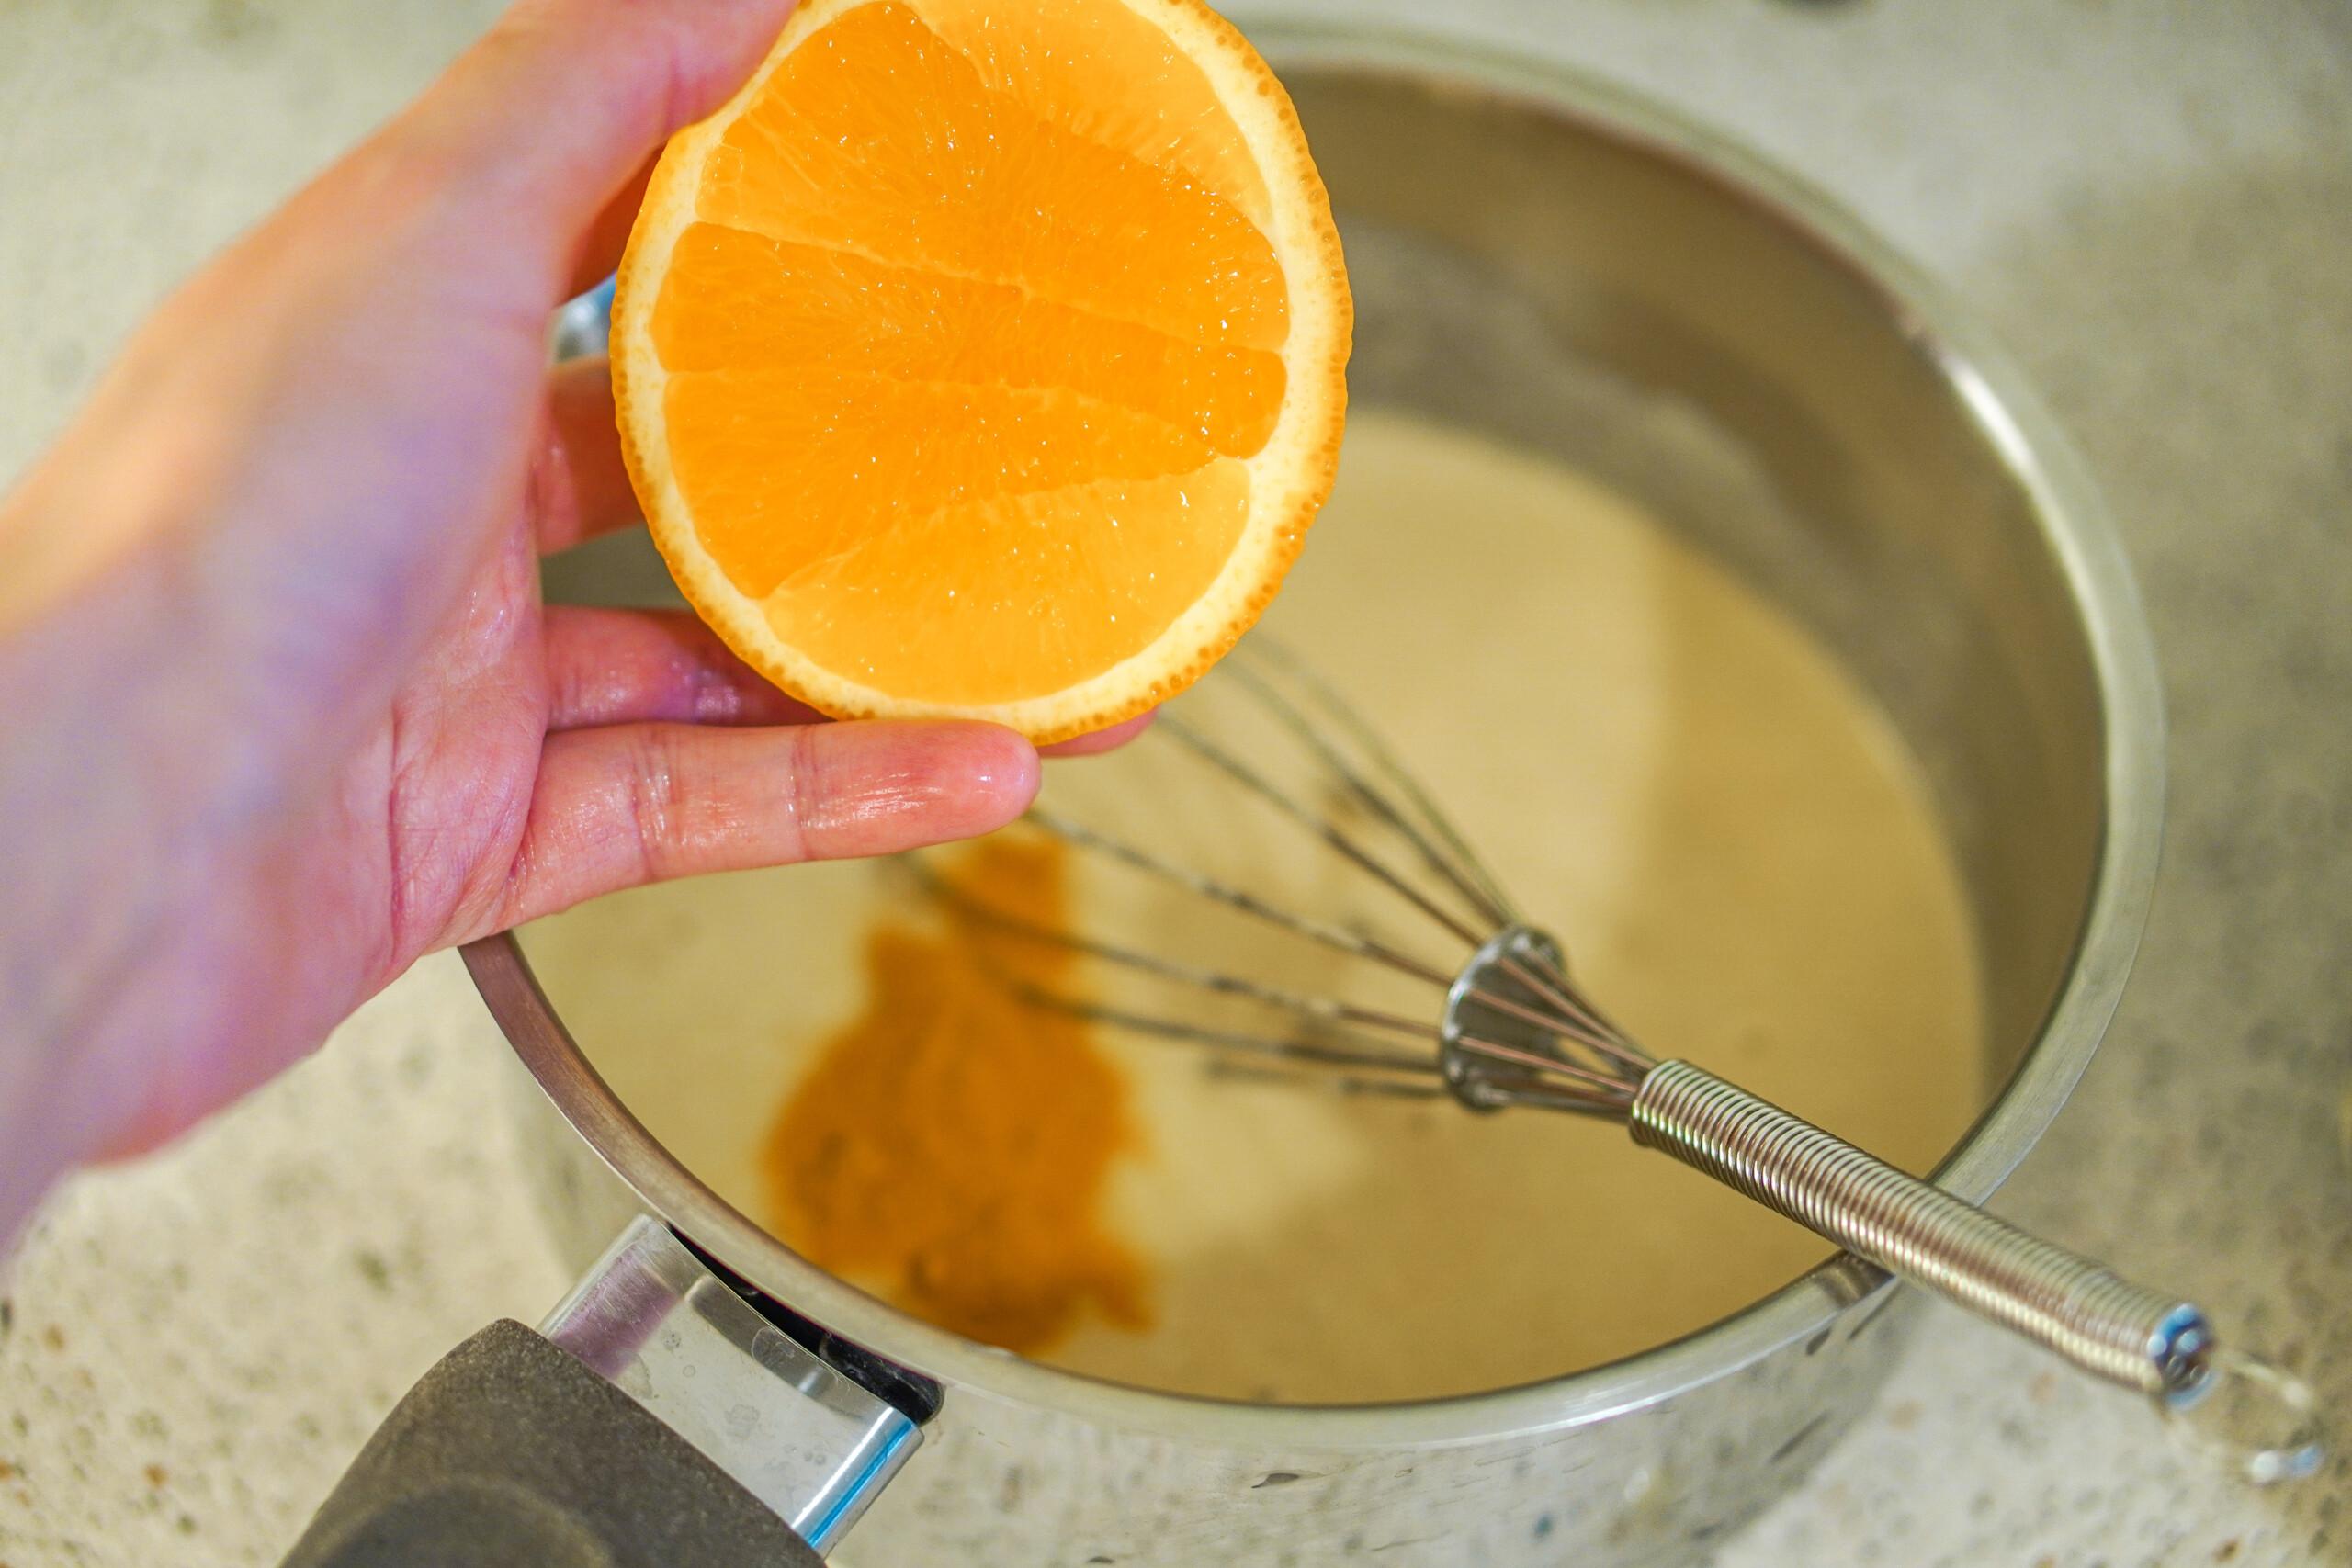 Appelsin vafler